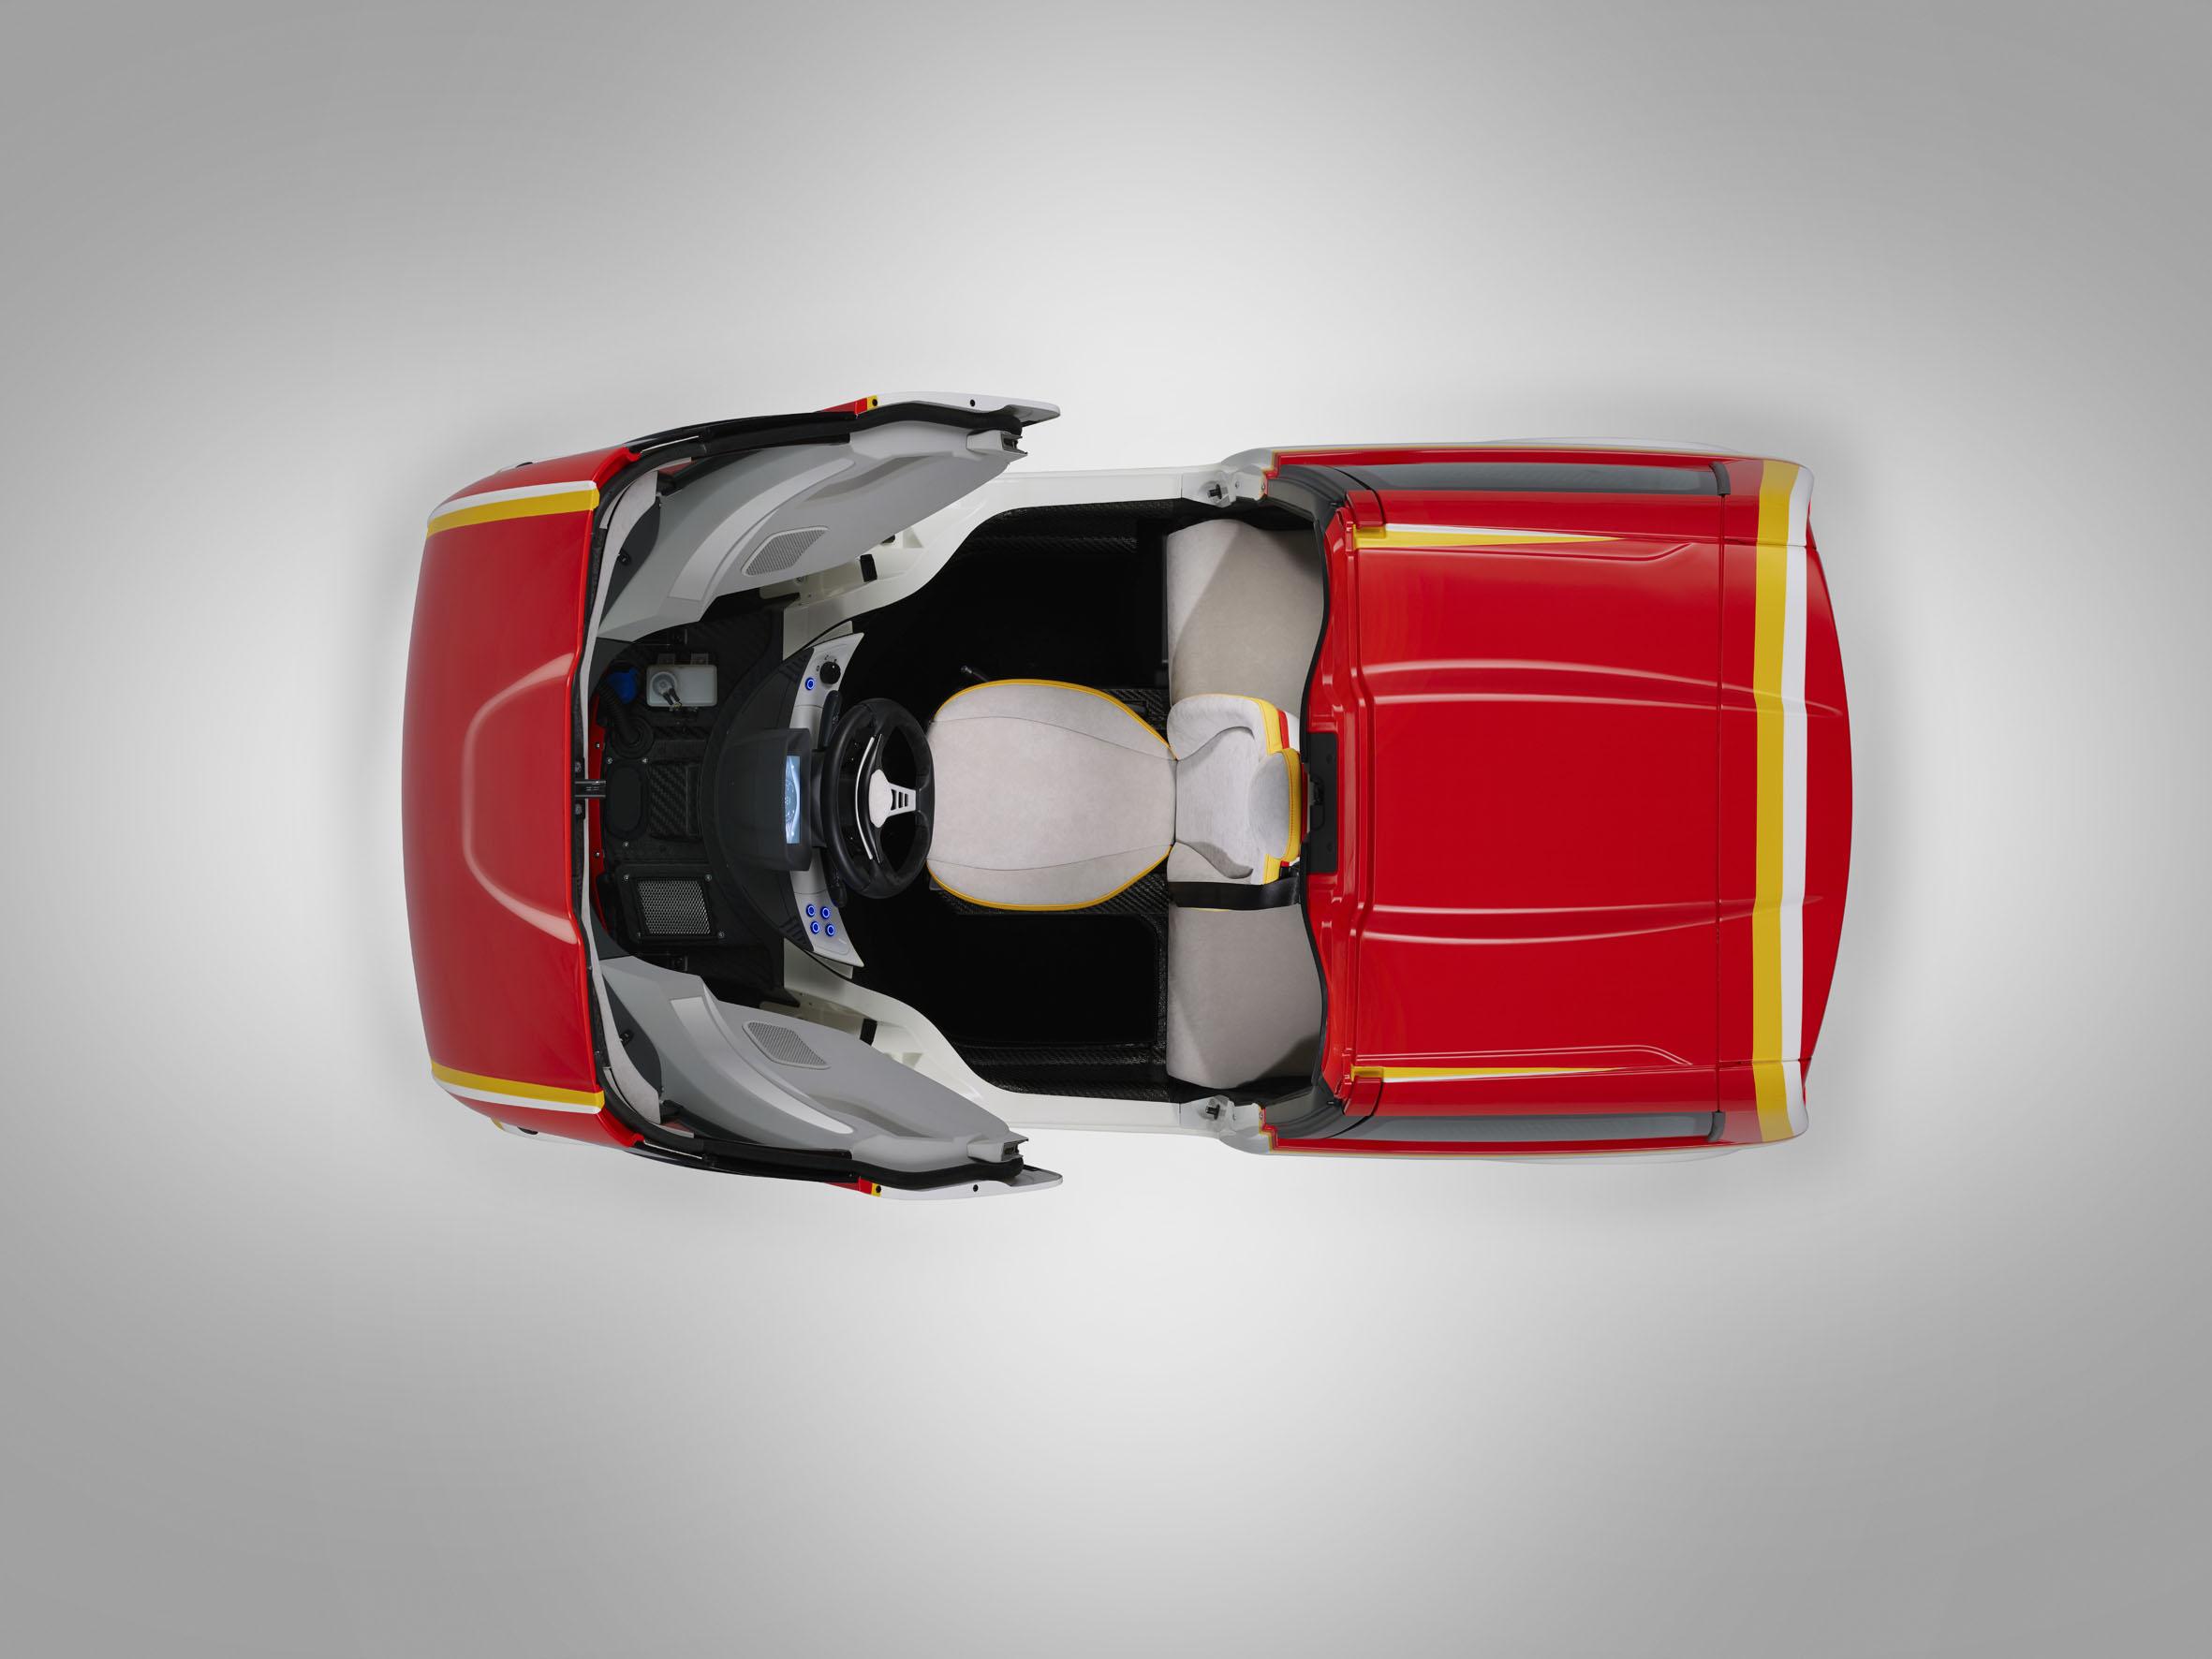 Gordon Murray Concept Car Shell/Justin Leighton